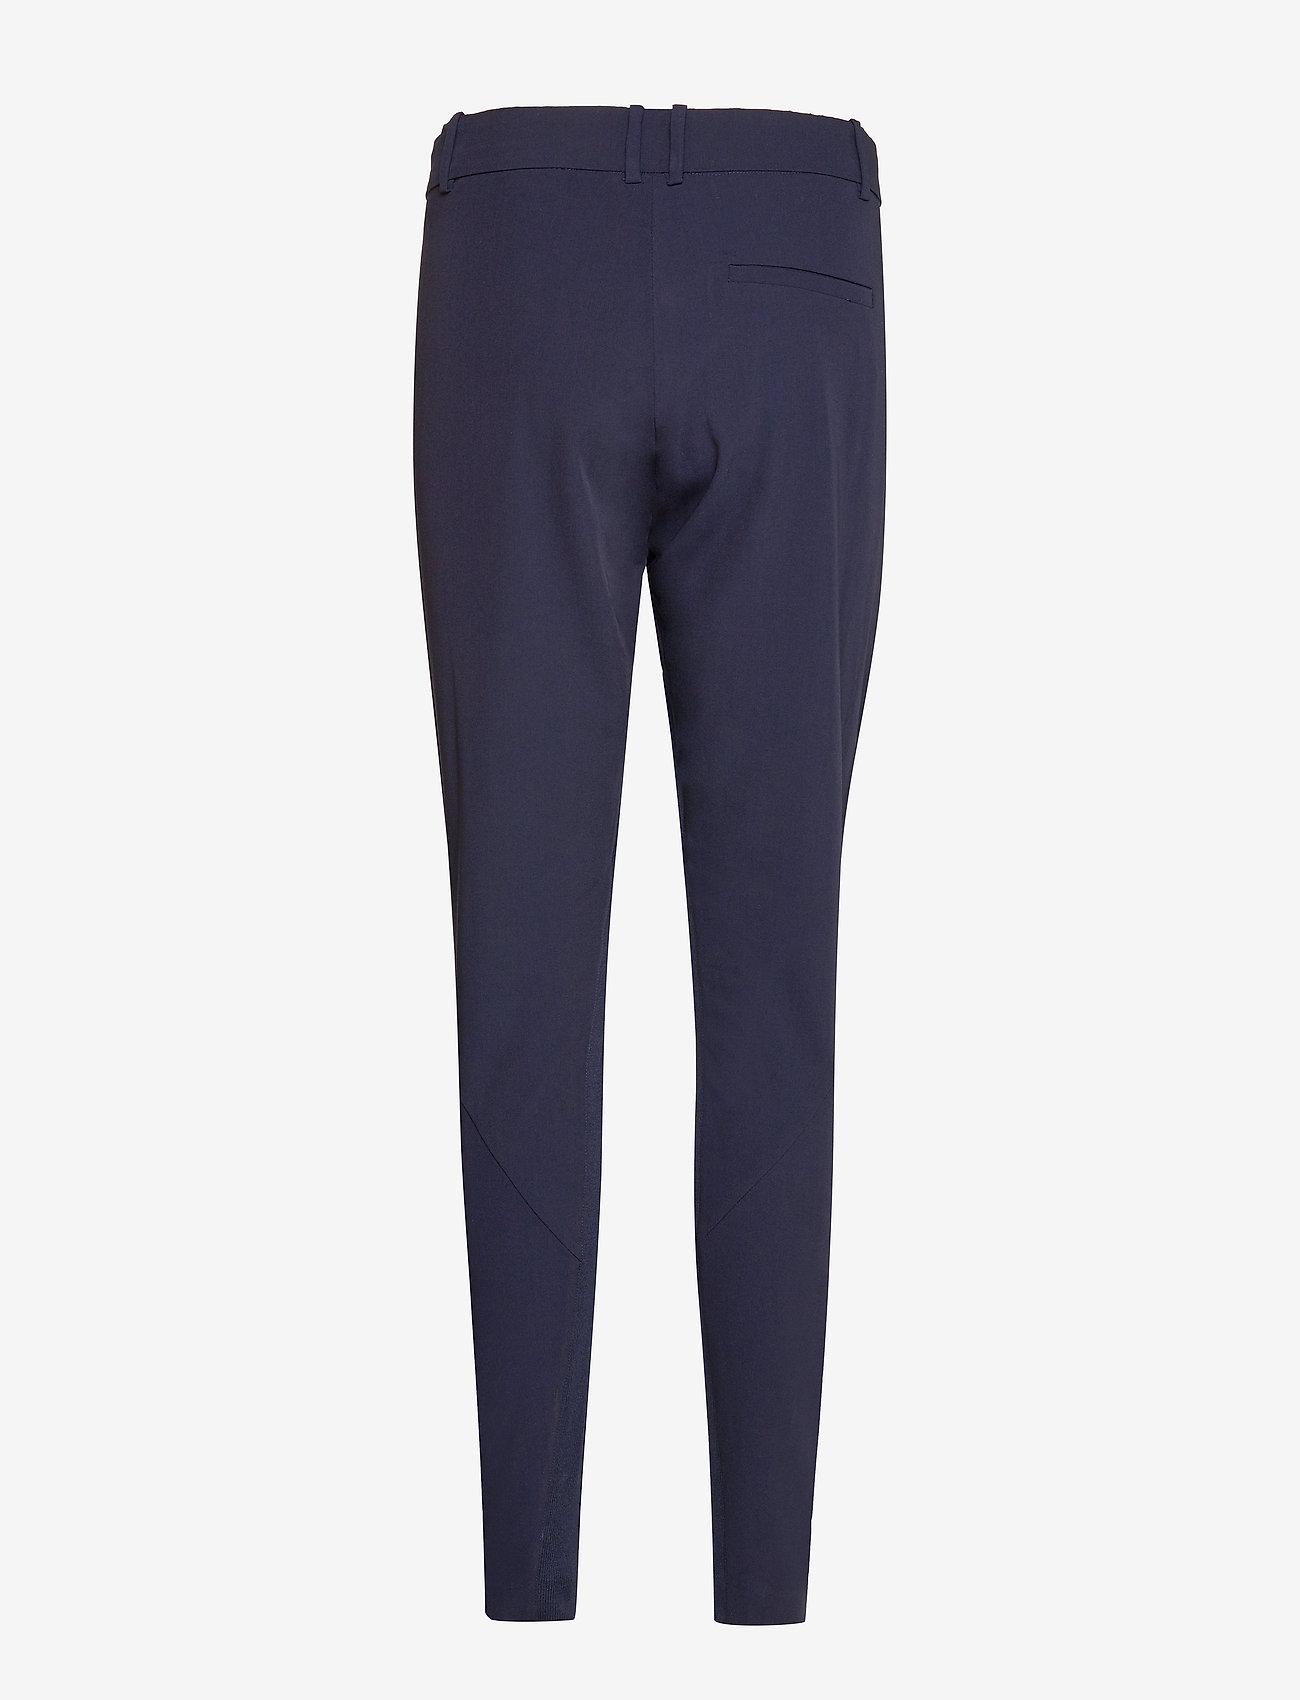 Coster Copenhagen - Suit pants - Coco - broeken med skinny fit - night sky blue - 1